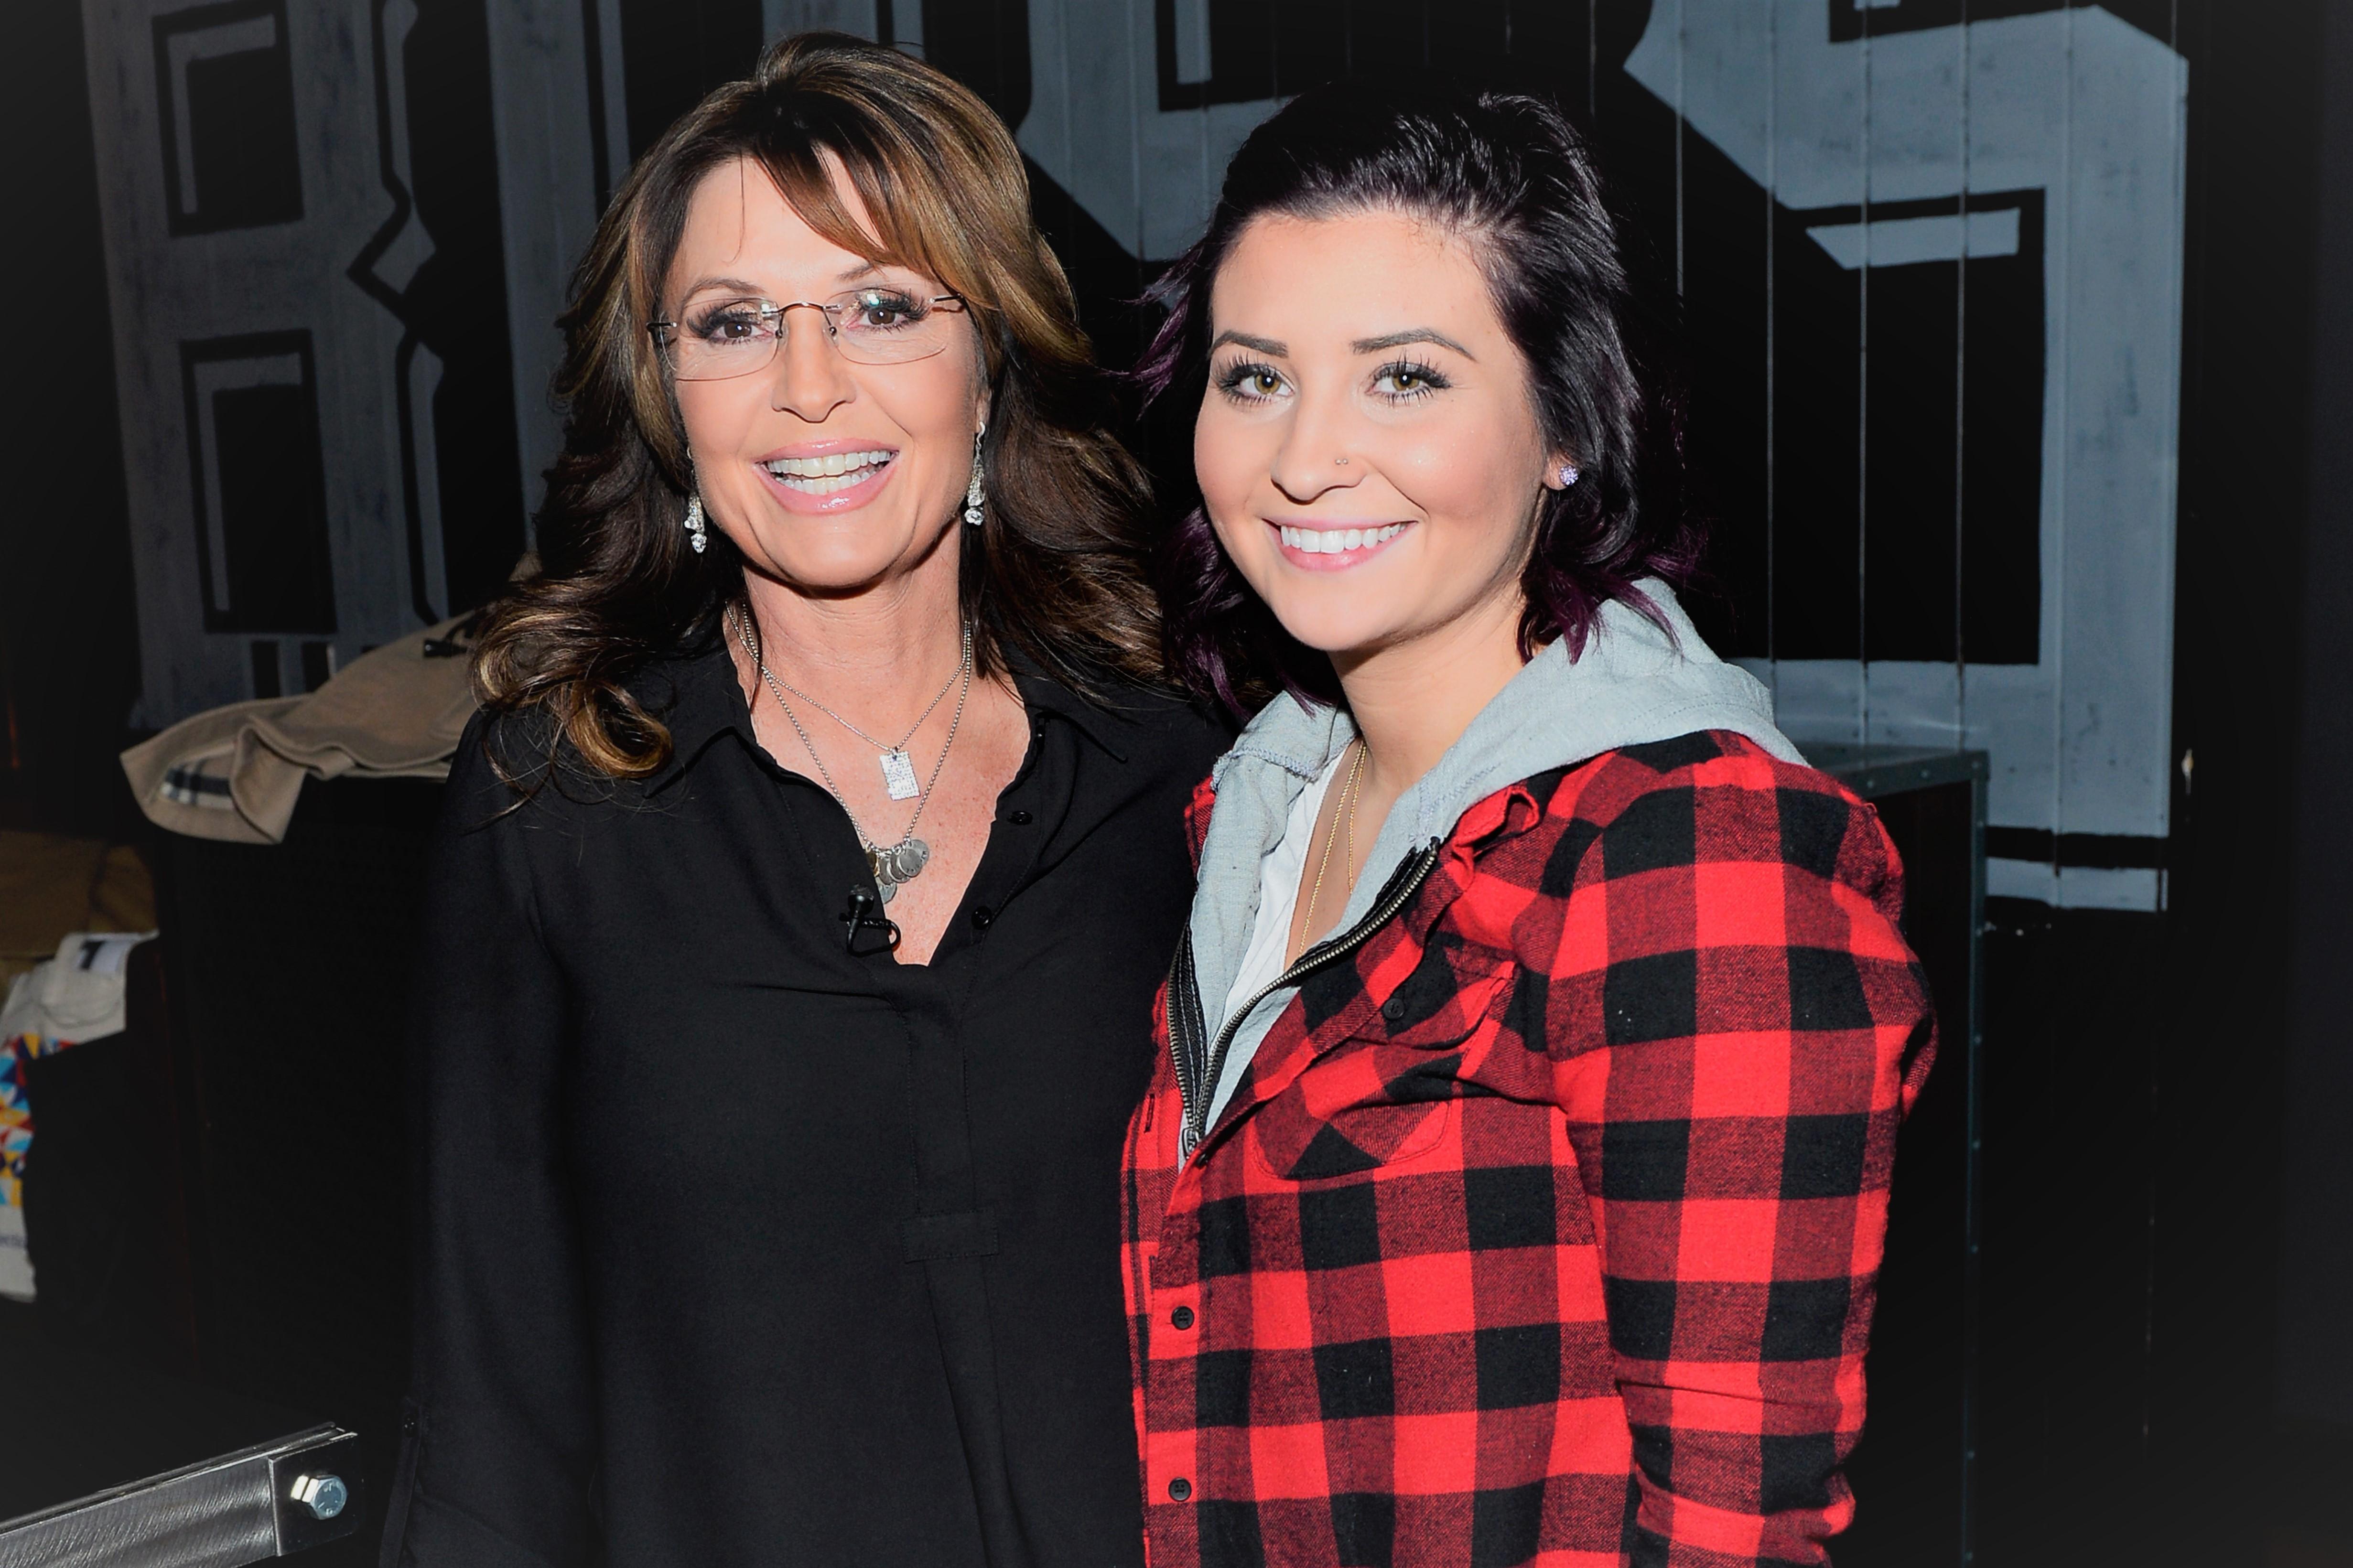 Sarah Palin and Daughter Willow Palin